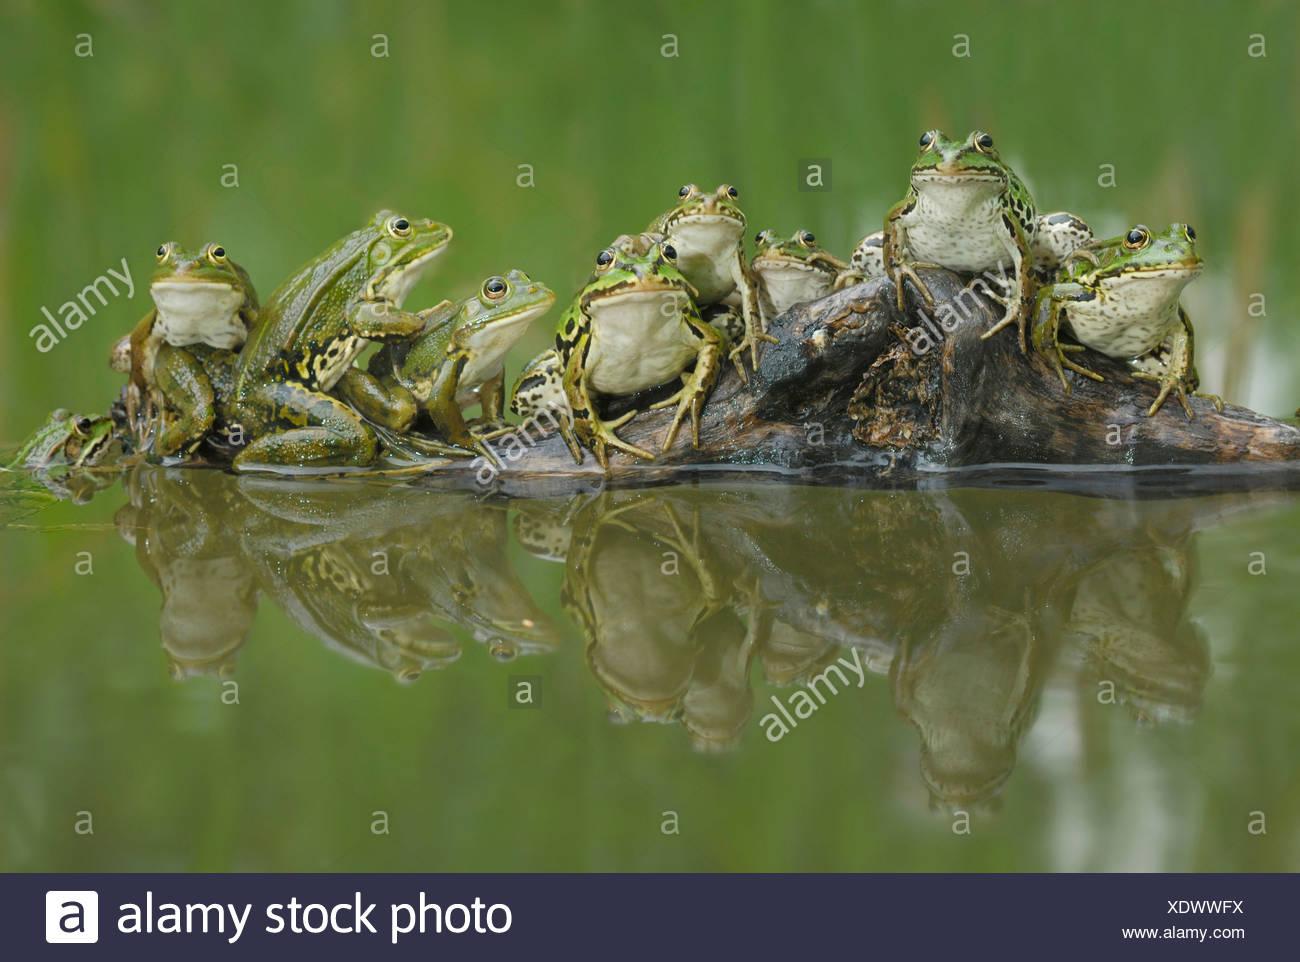 Un groupe de grenouilles comestibles (Rana esculenta) avec la réflexion dans une piscine Banque D'Images